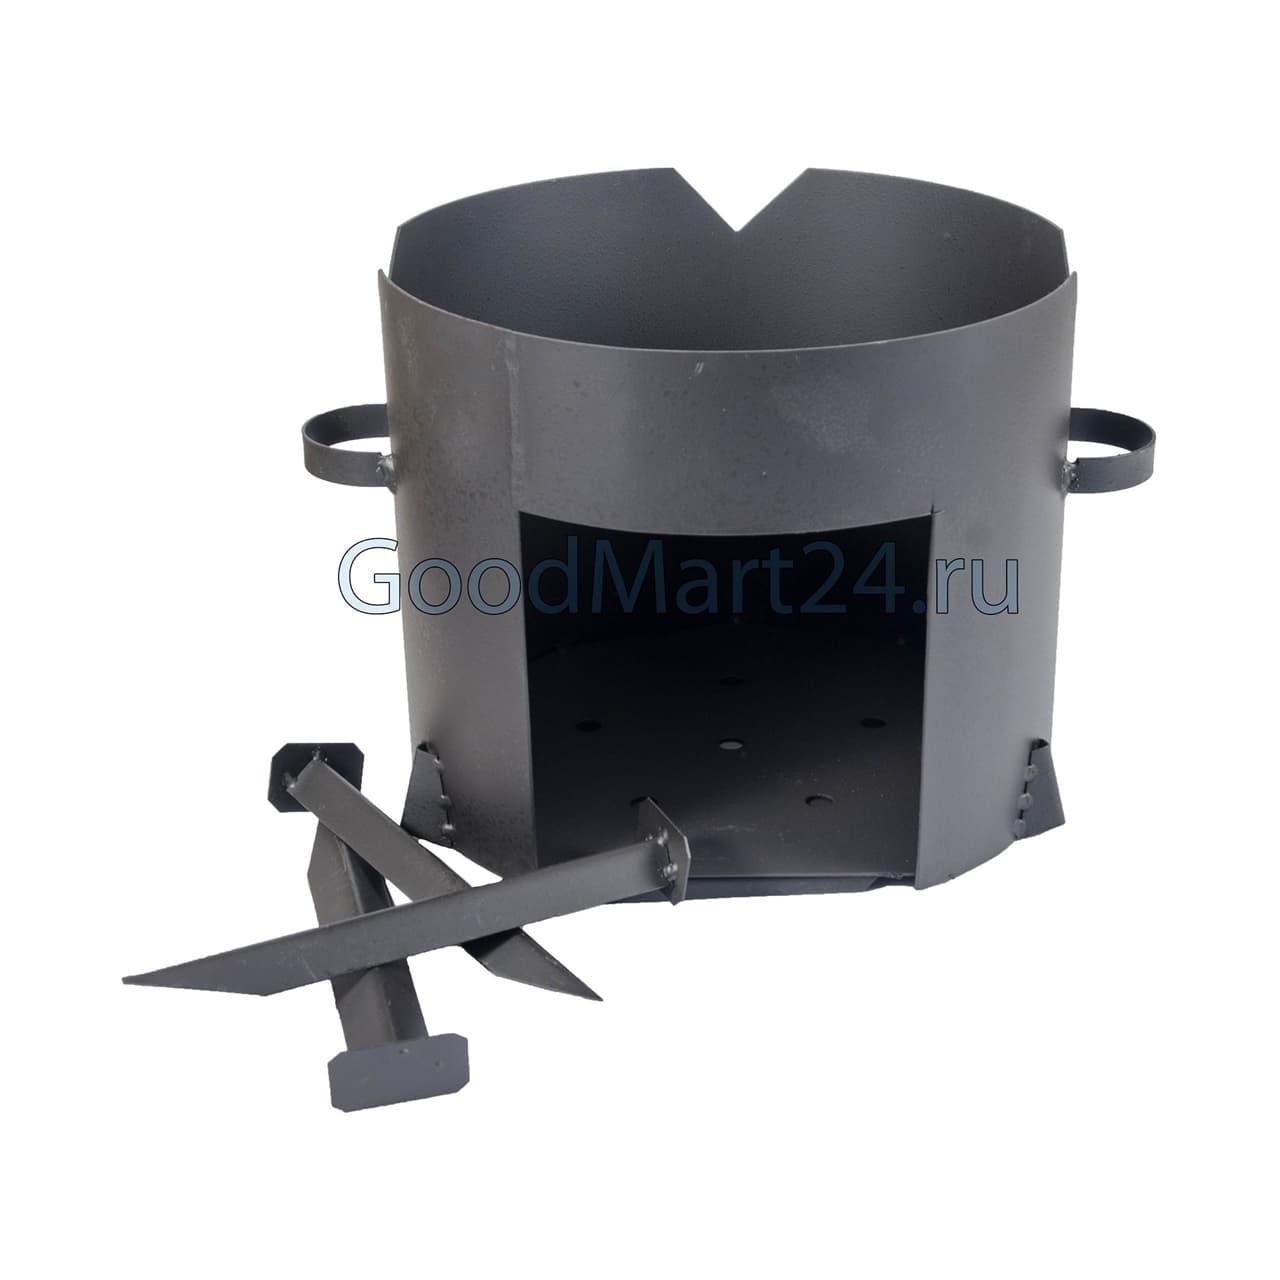 цена на комплект казан из чугуна 12 литров БЛМЗ + печь D-360 мм сталь 2 мм